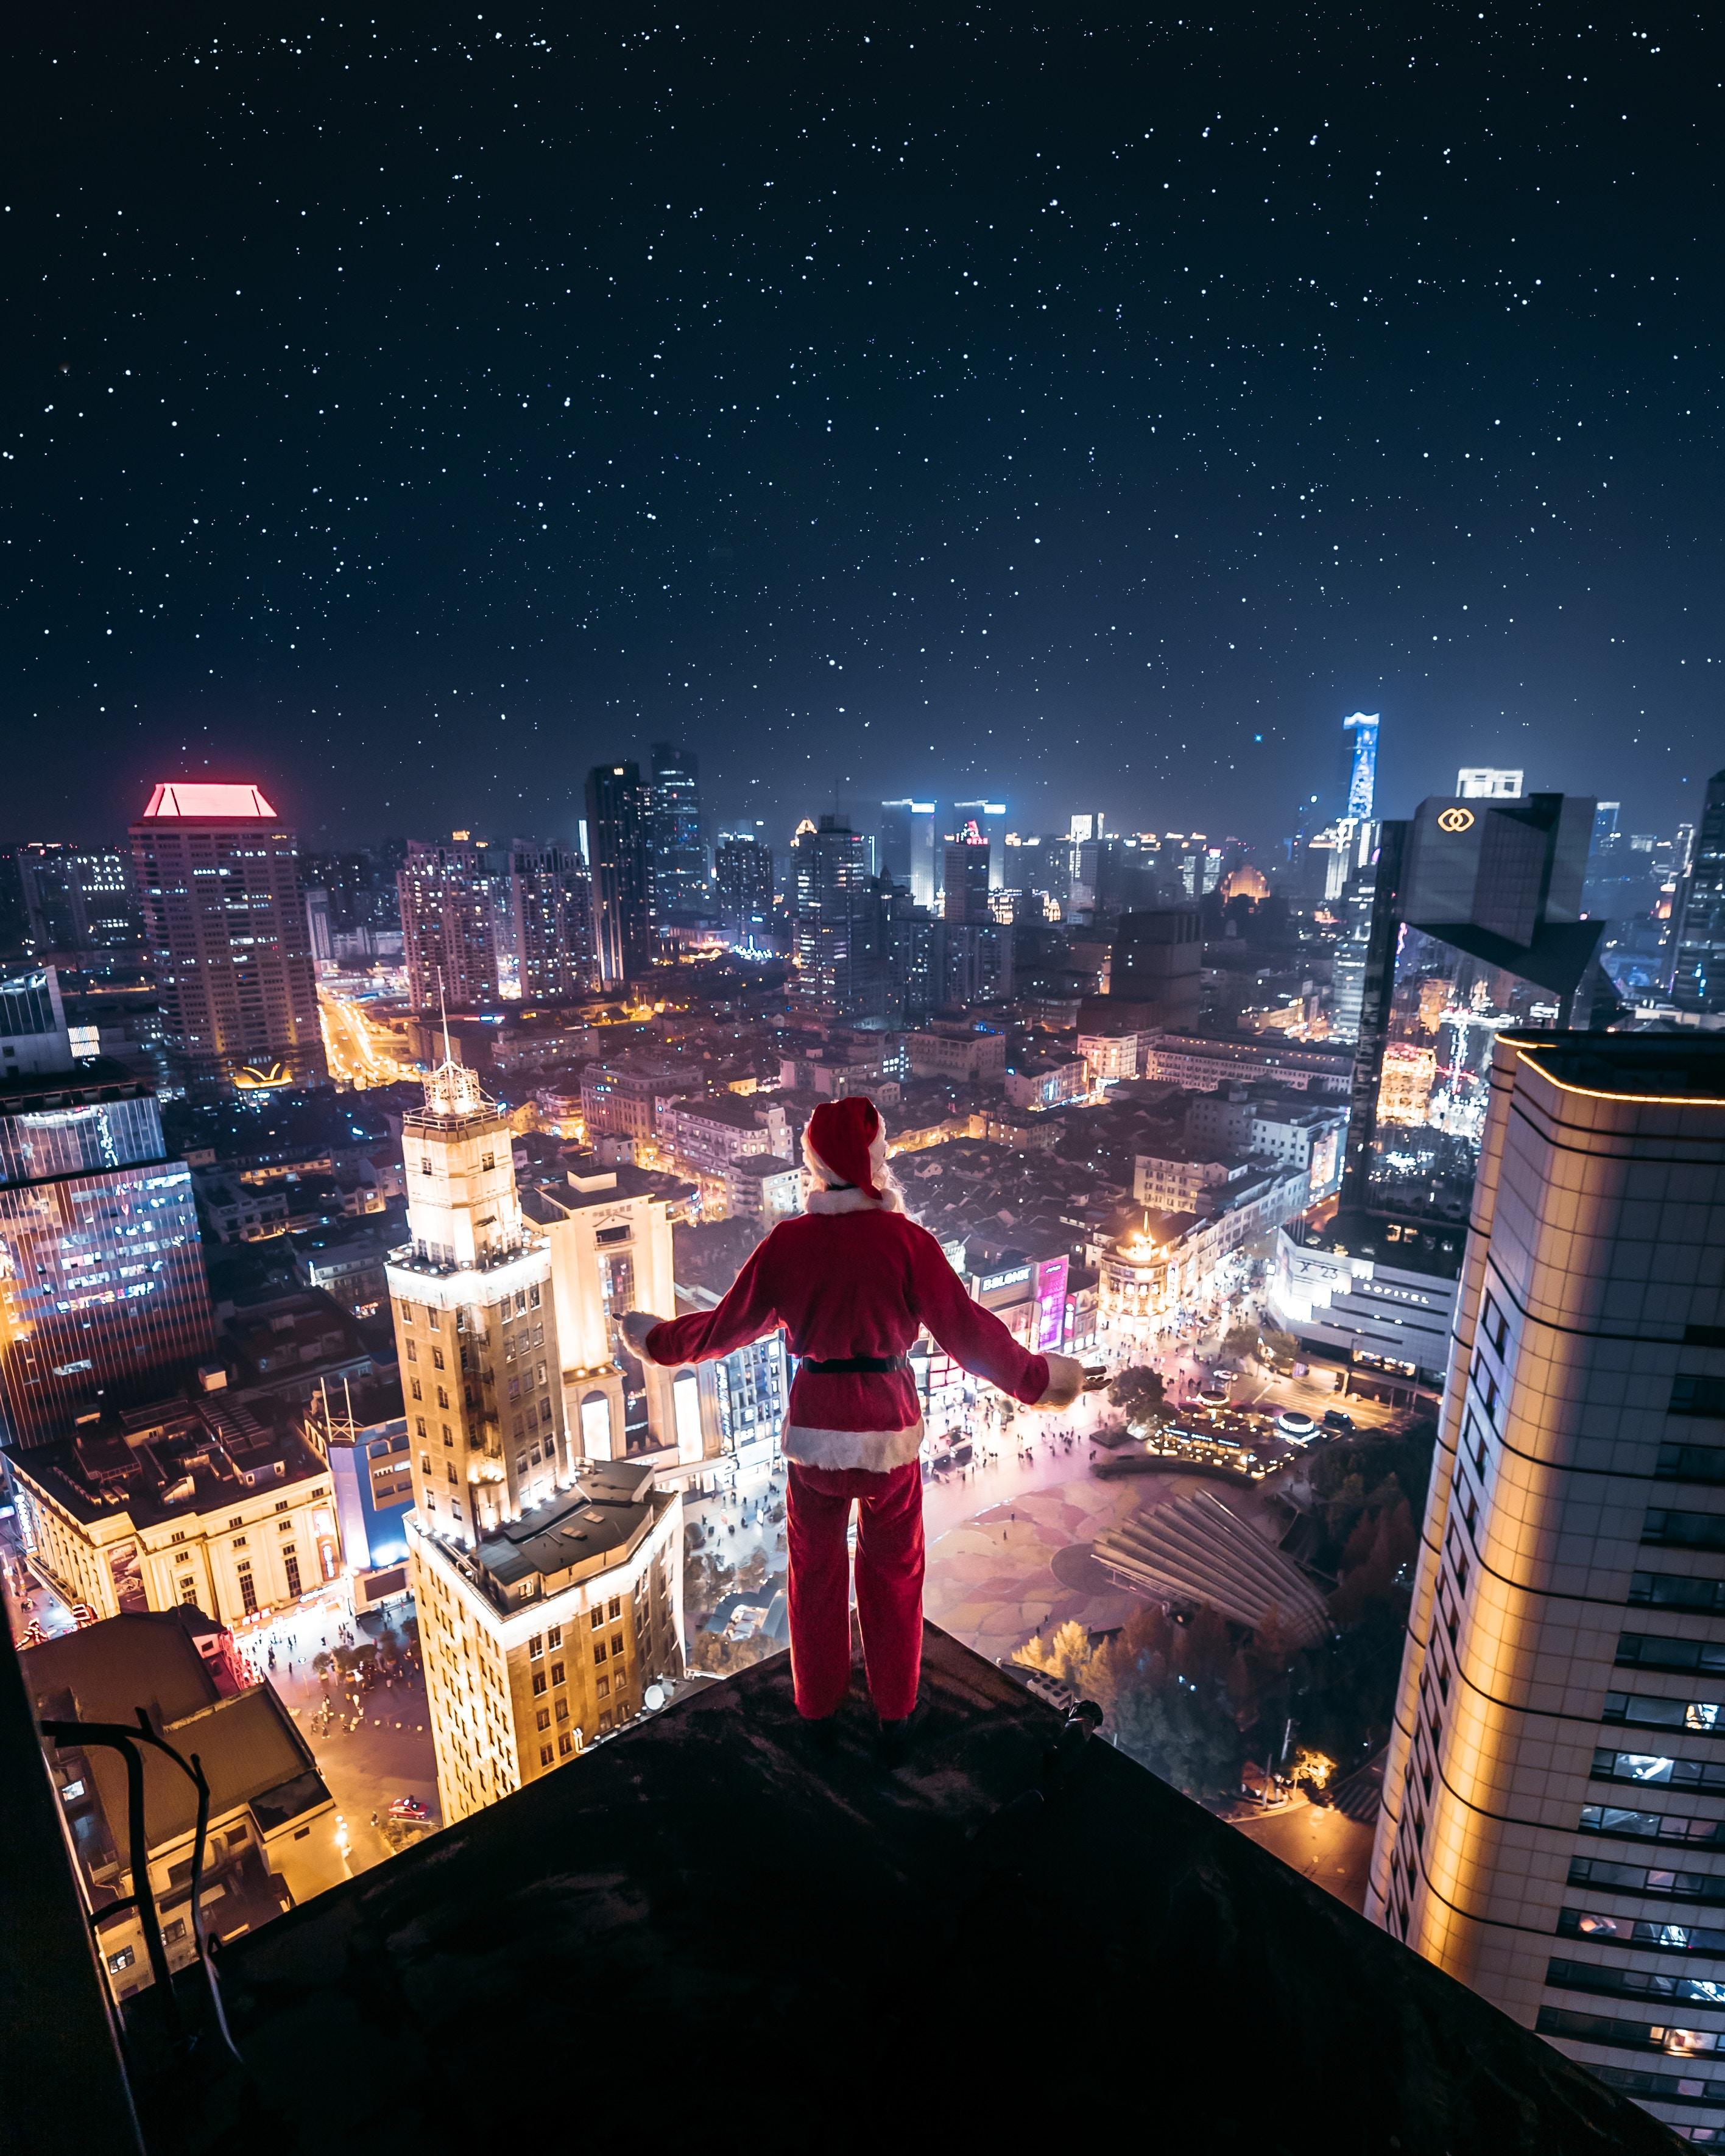 151028 Hintergrundbild herunterladen Feiertage, Weihnachtsmann, Blick Von Oben, Nächtliche Stadt, Night City, Einsamkeit, Dach - Bildschirmschoner und Bilder kostenlos